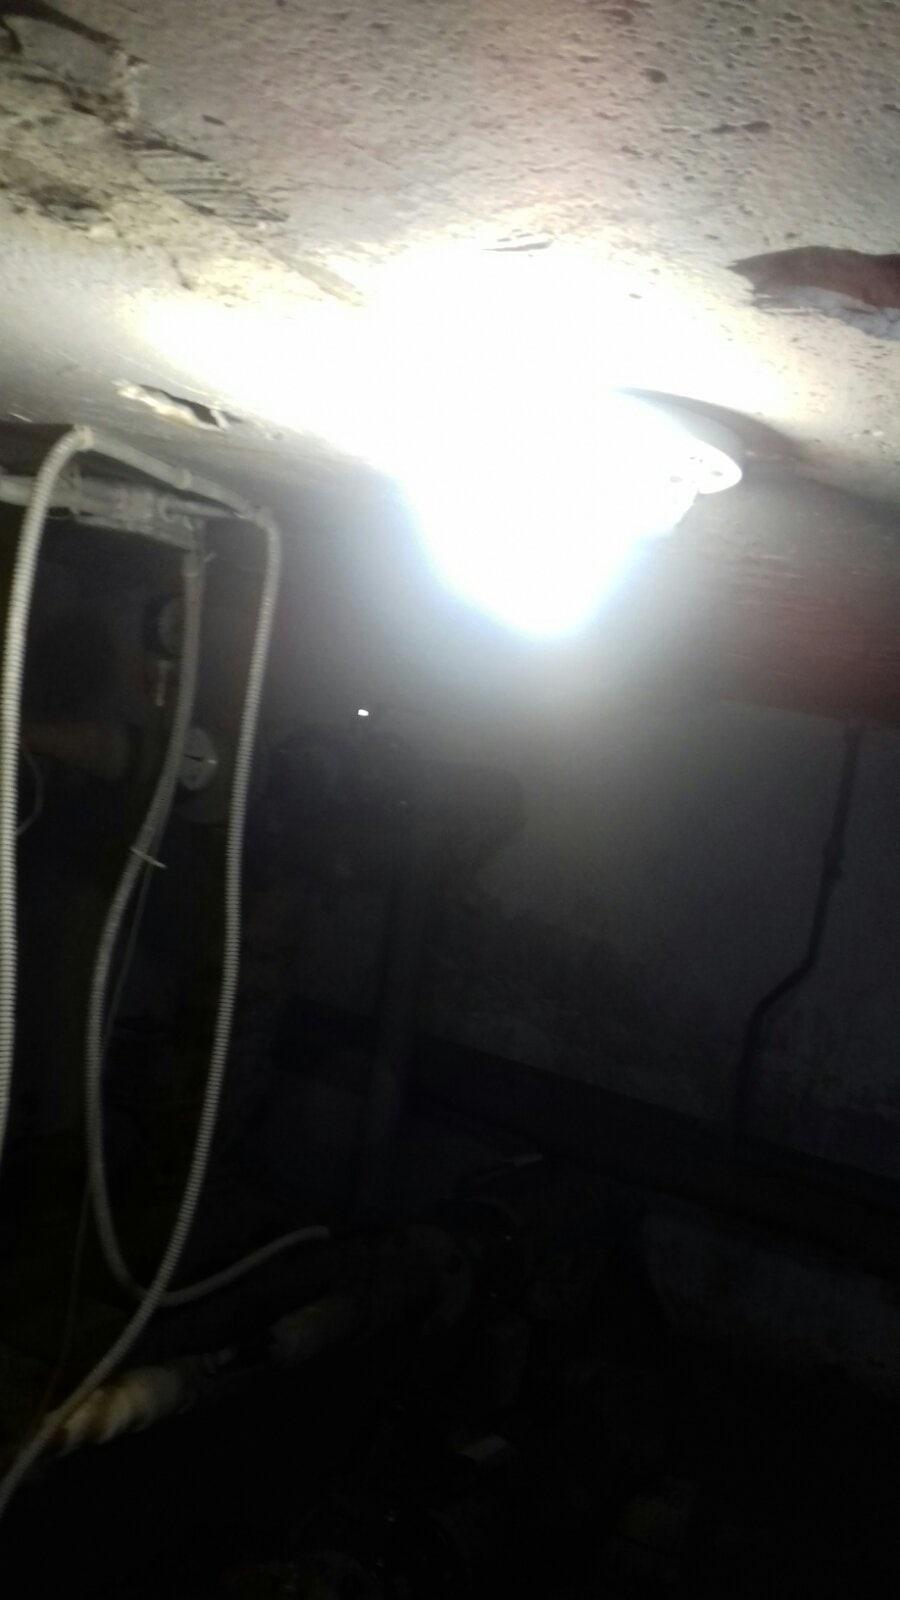 Чернышевского 34, подвал, замена лампы СВД, ремонт